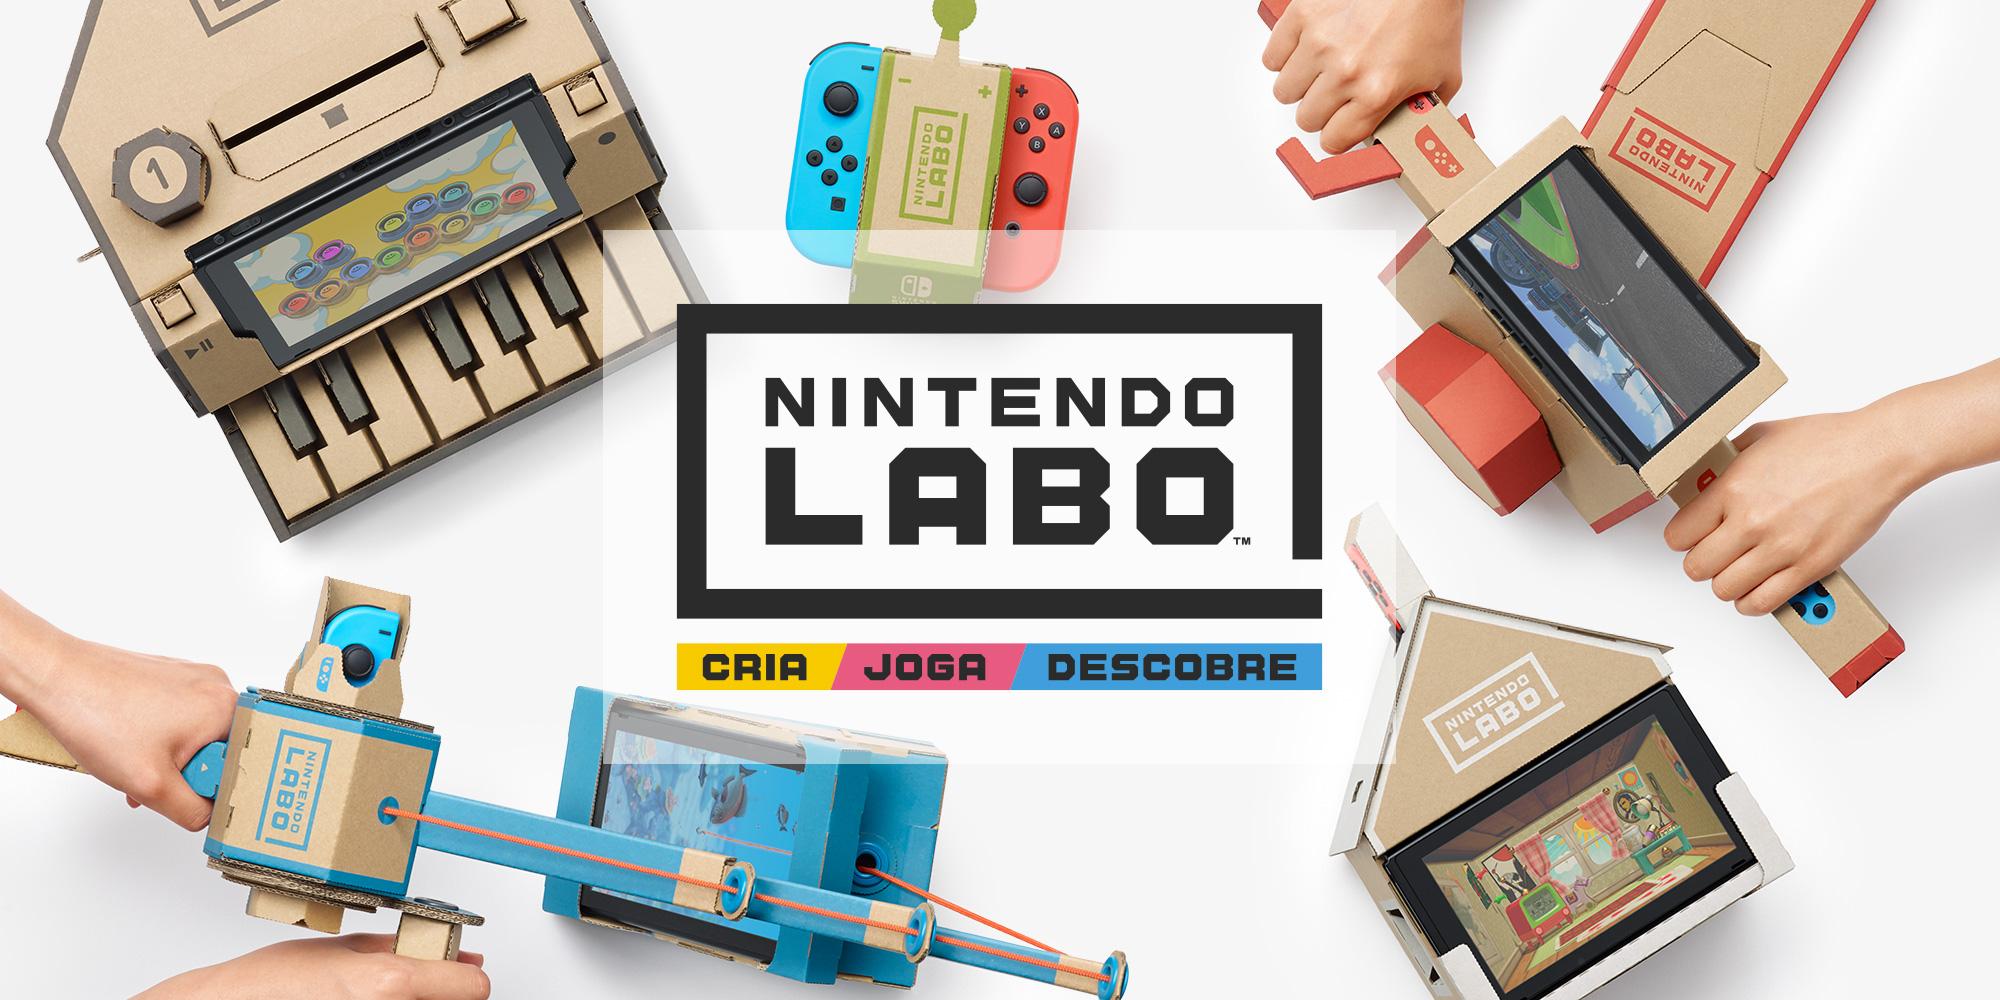 Segundo Emily Rogers, o 4º kit do Nintendo Labo chega no início de abril/2019